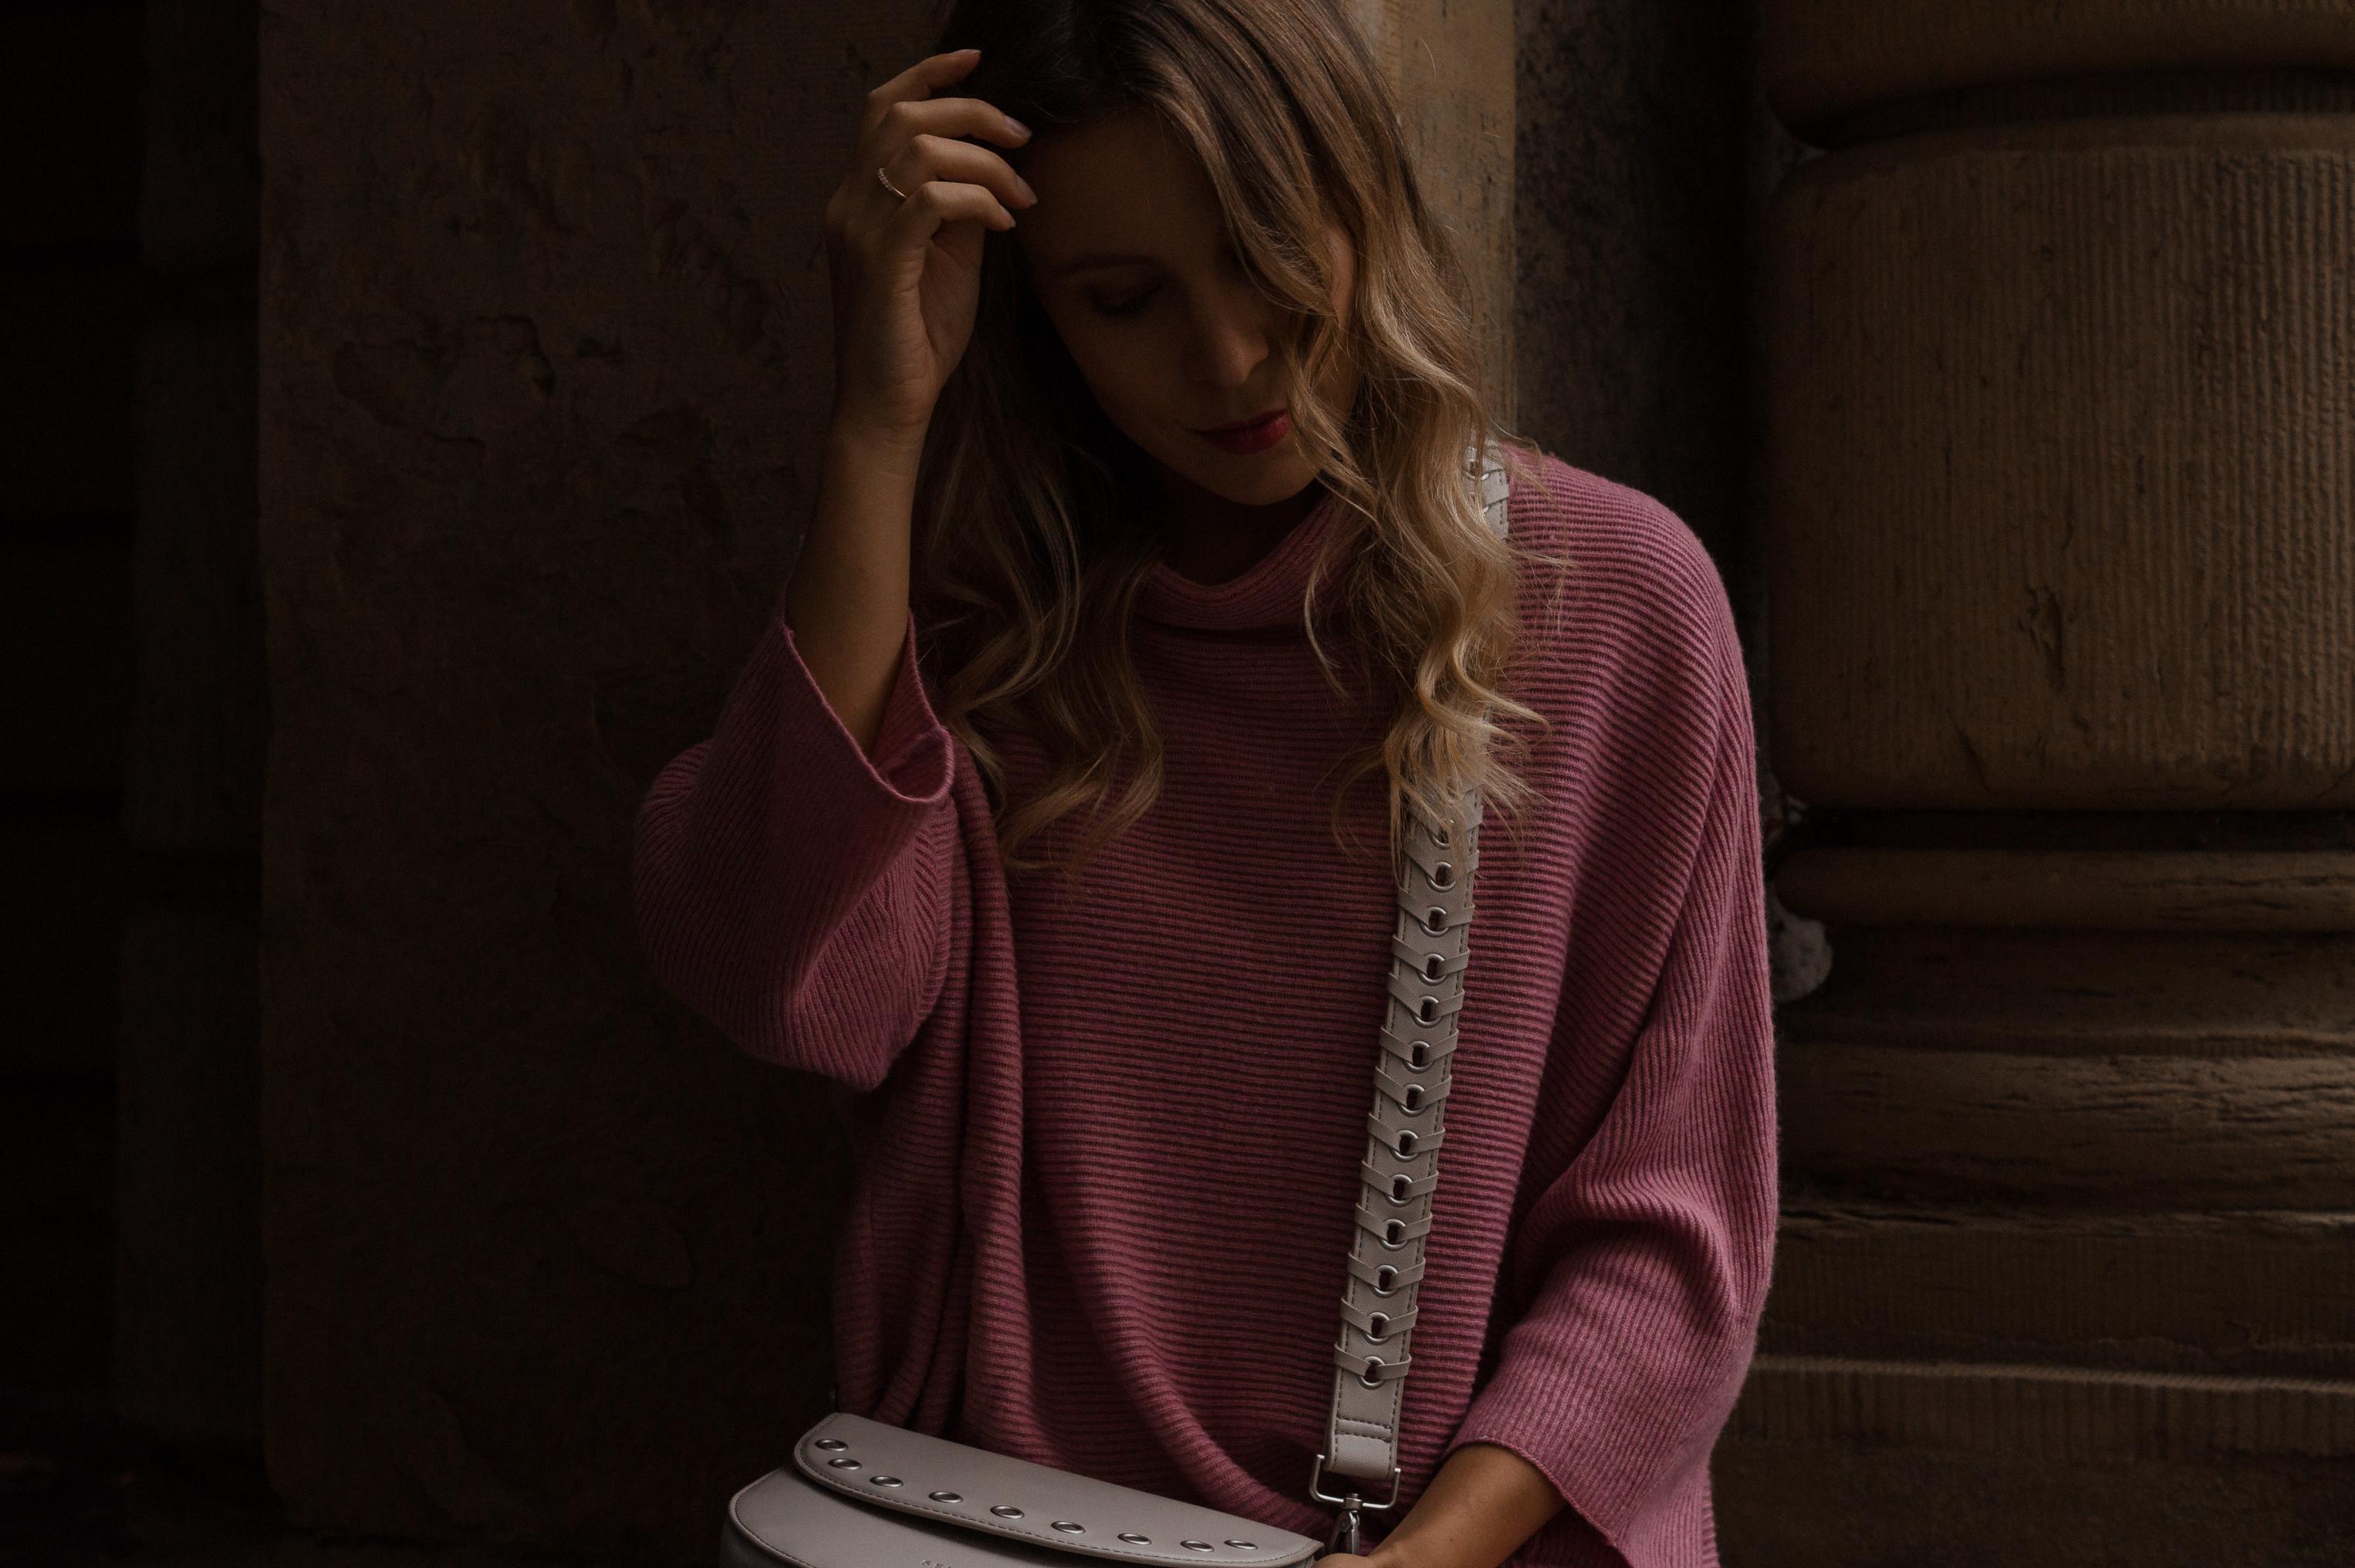 Instagram-Frust Seidenfelt Tasche Modeblogger Heidelberg Sariety Fashionblog Sarah Schäfer karierte Hose rote Lackschuhe_12